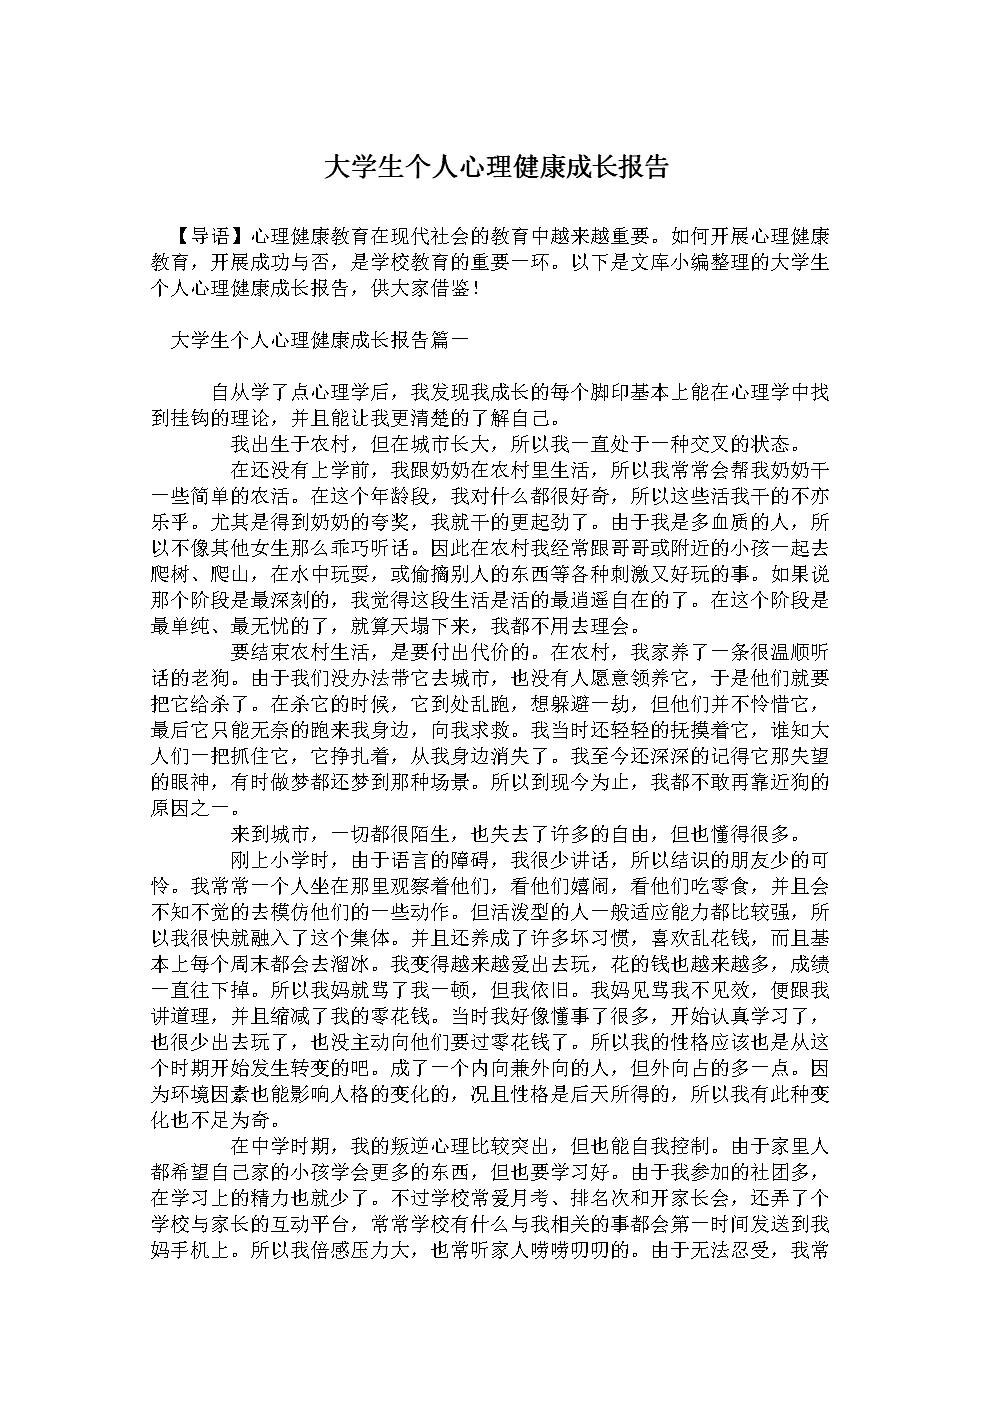 大学生个人心理健康成长报告范文.doc